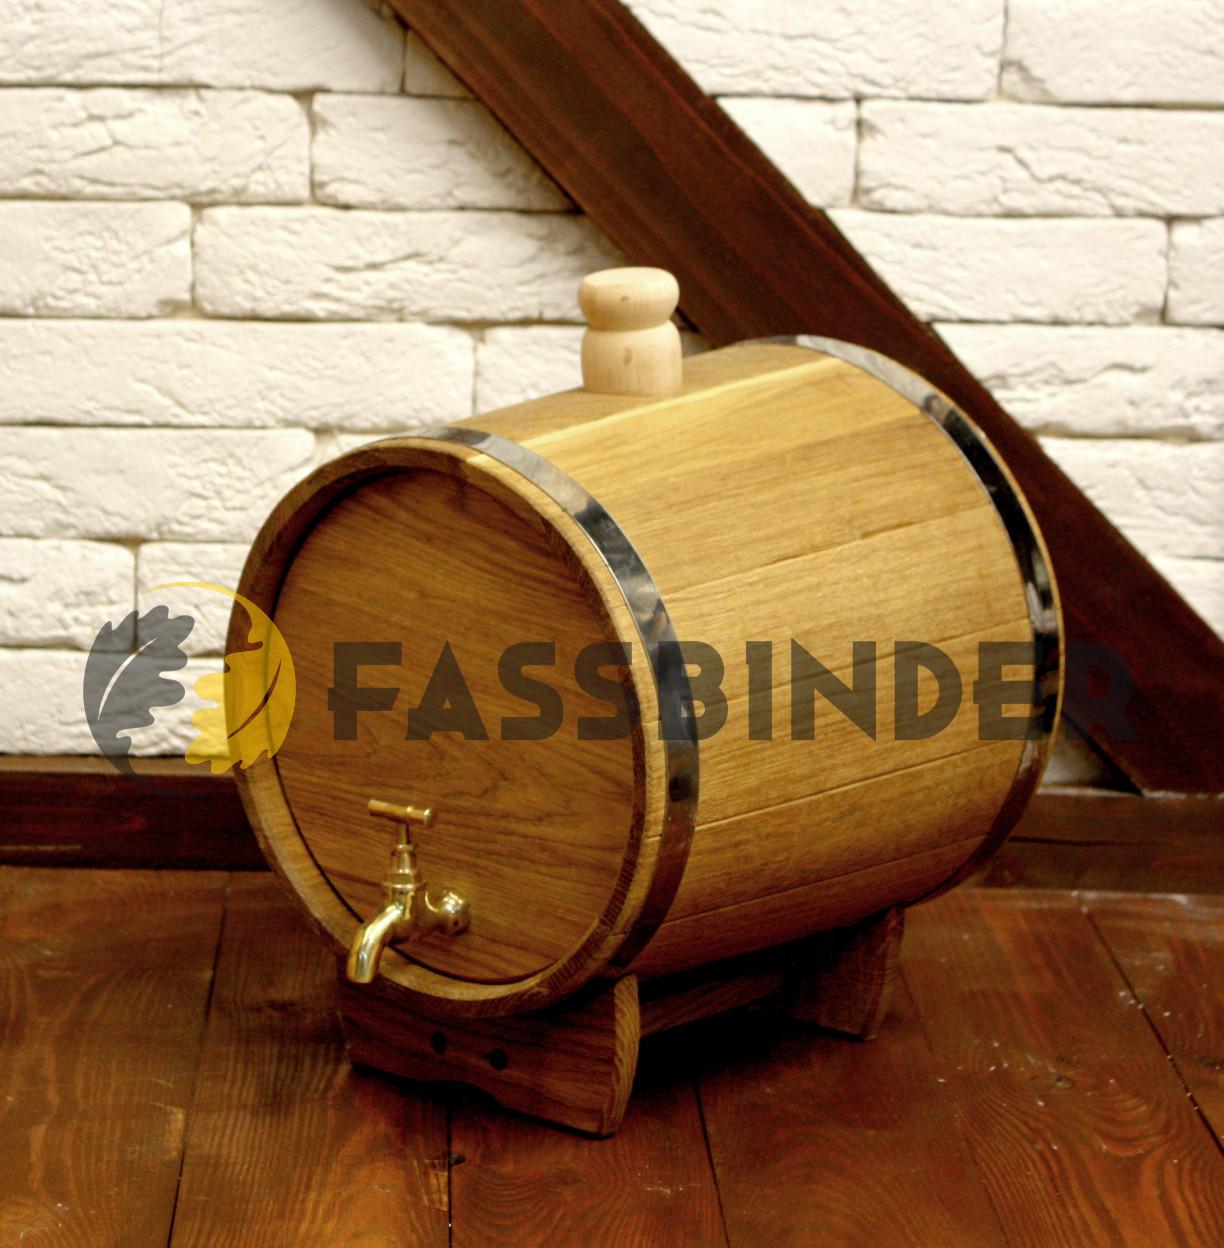 Дубовая бочка (жбан) для алкоголя Fassbinder™ 15 литров, фото 1